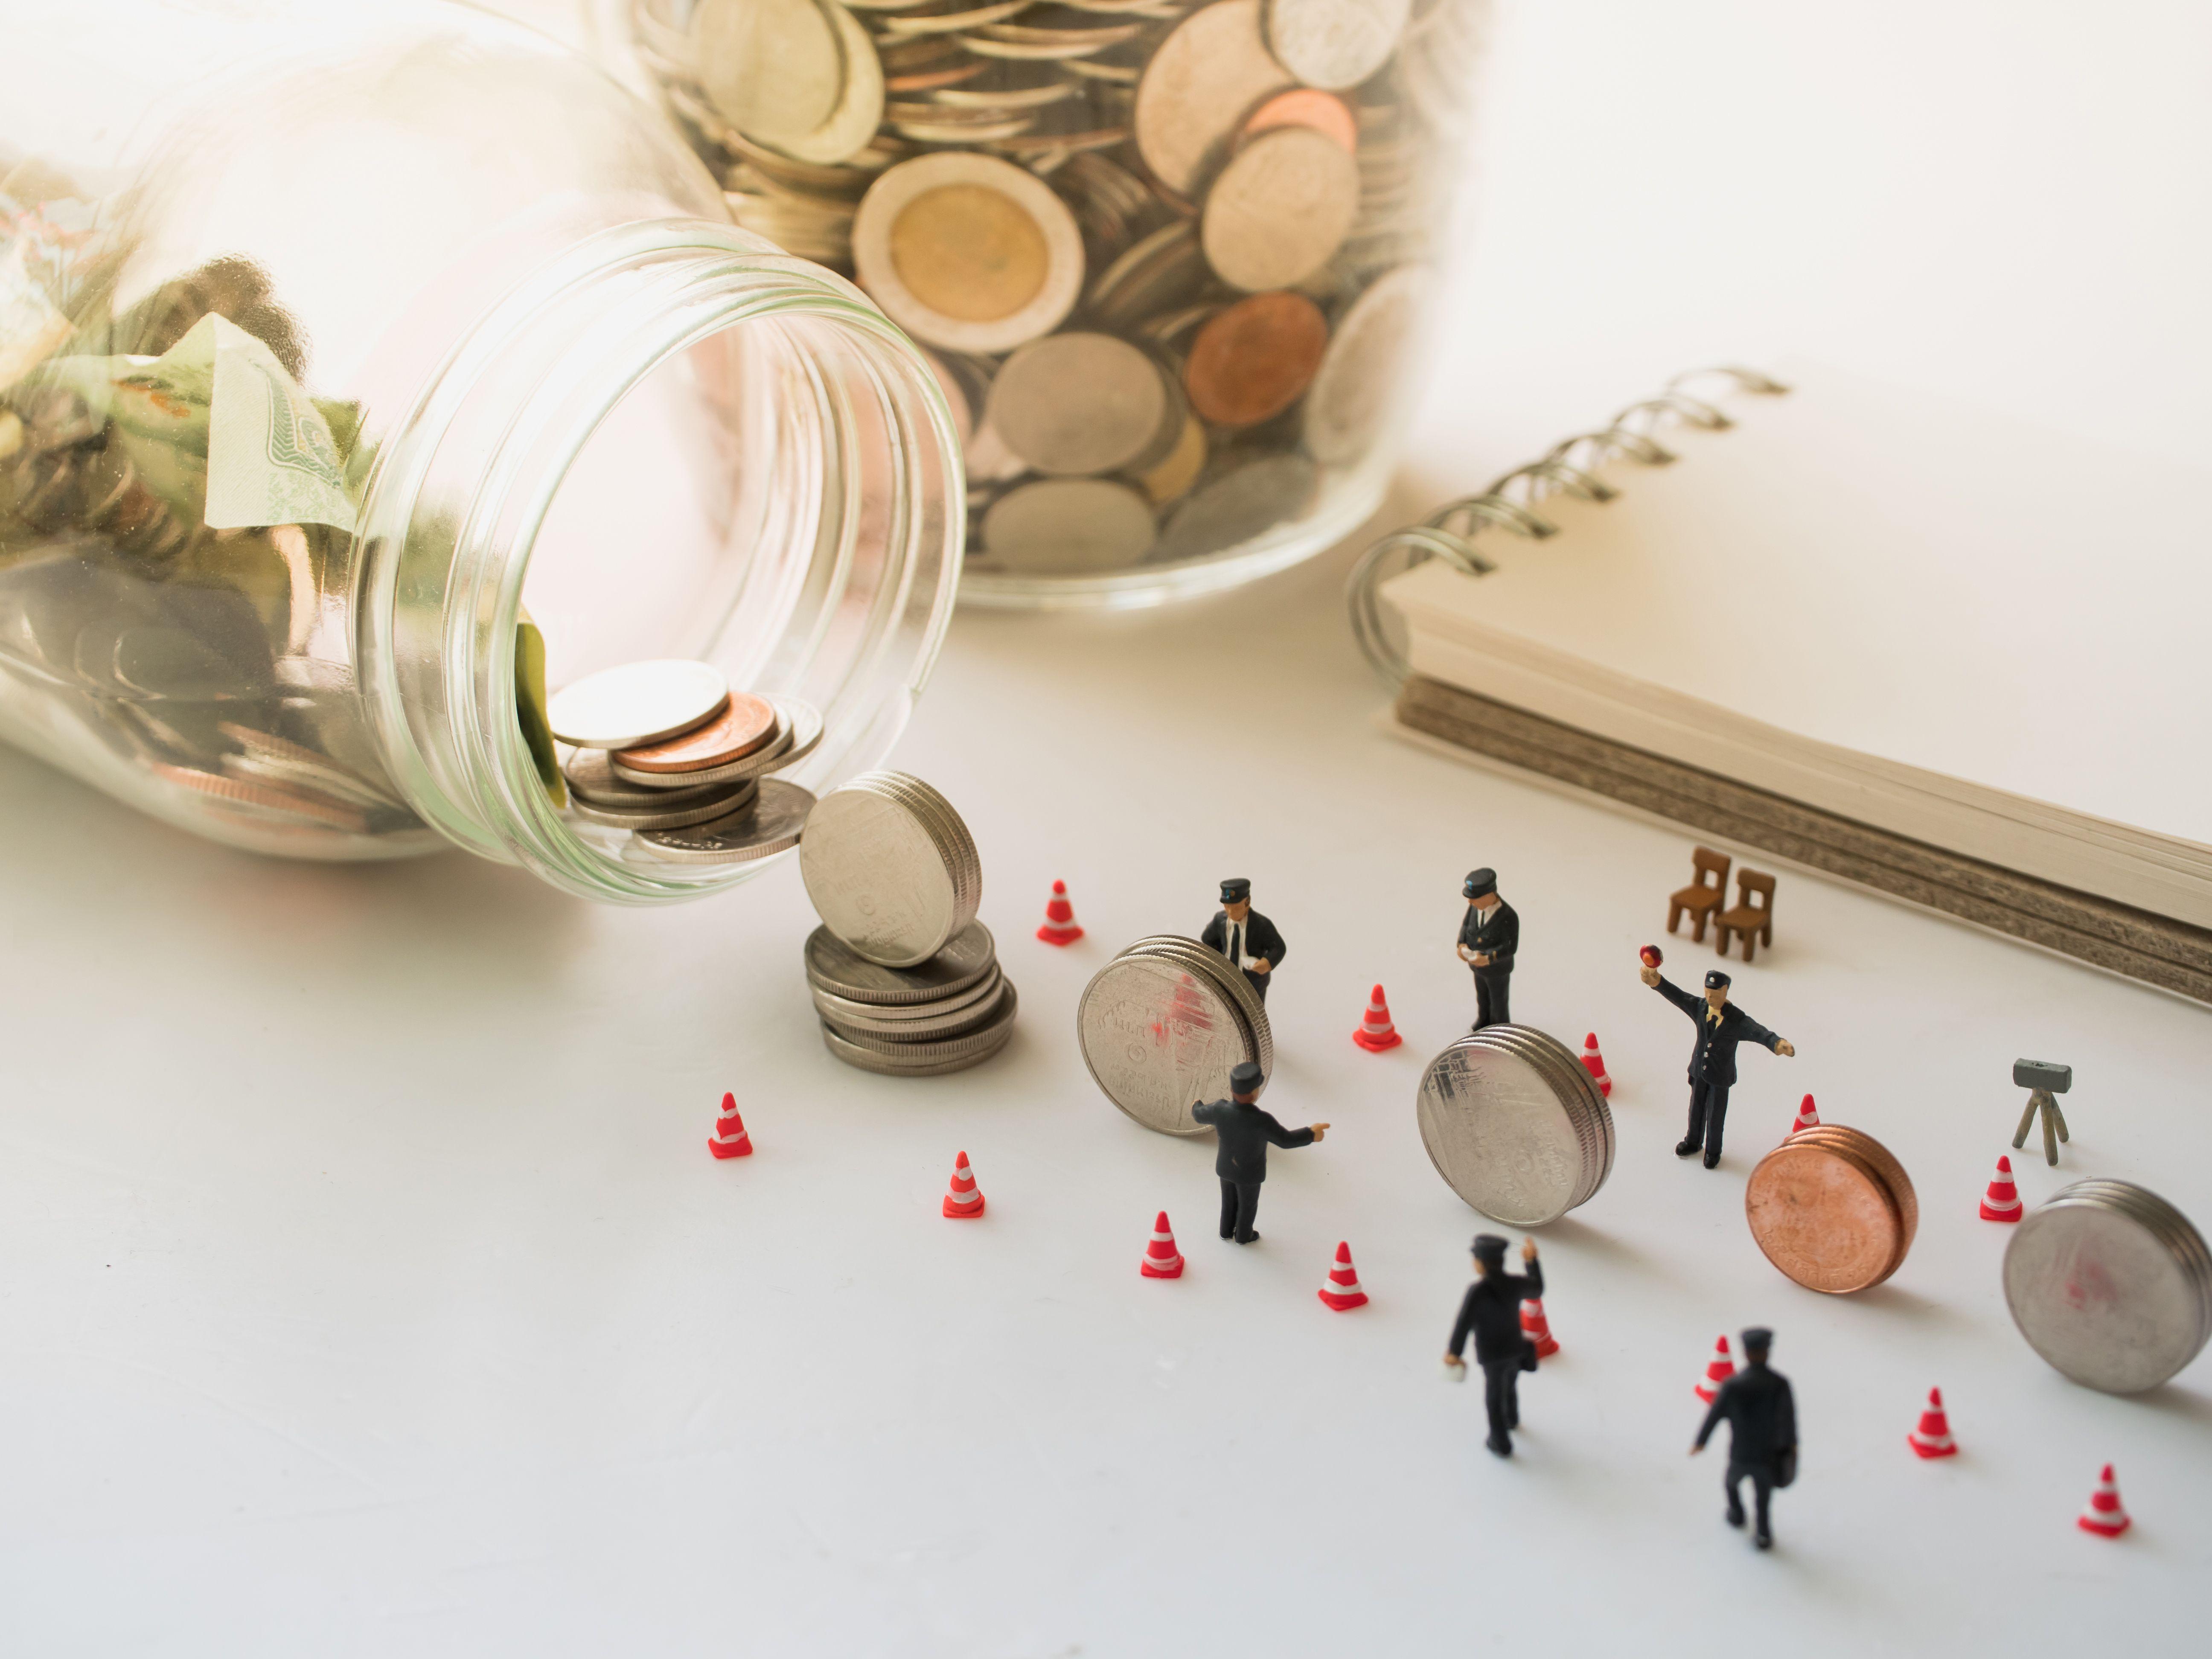 вклад или инвестиции